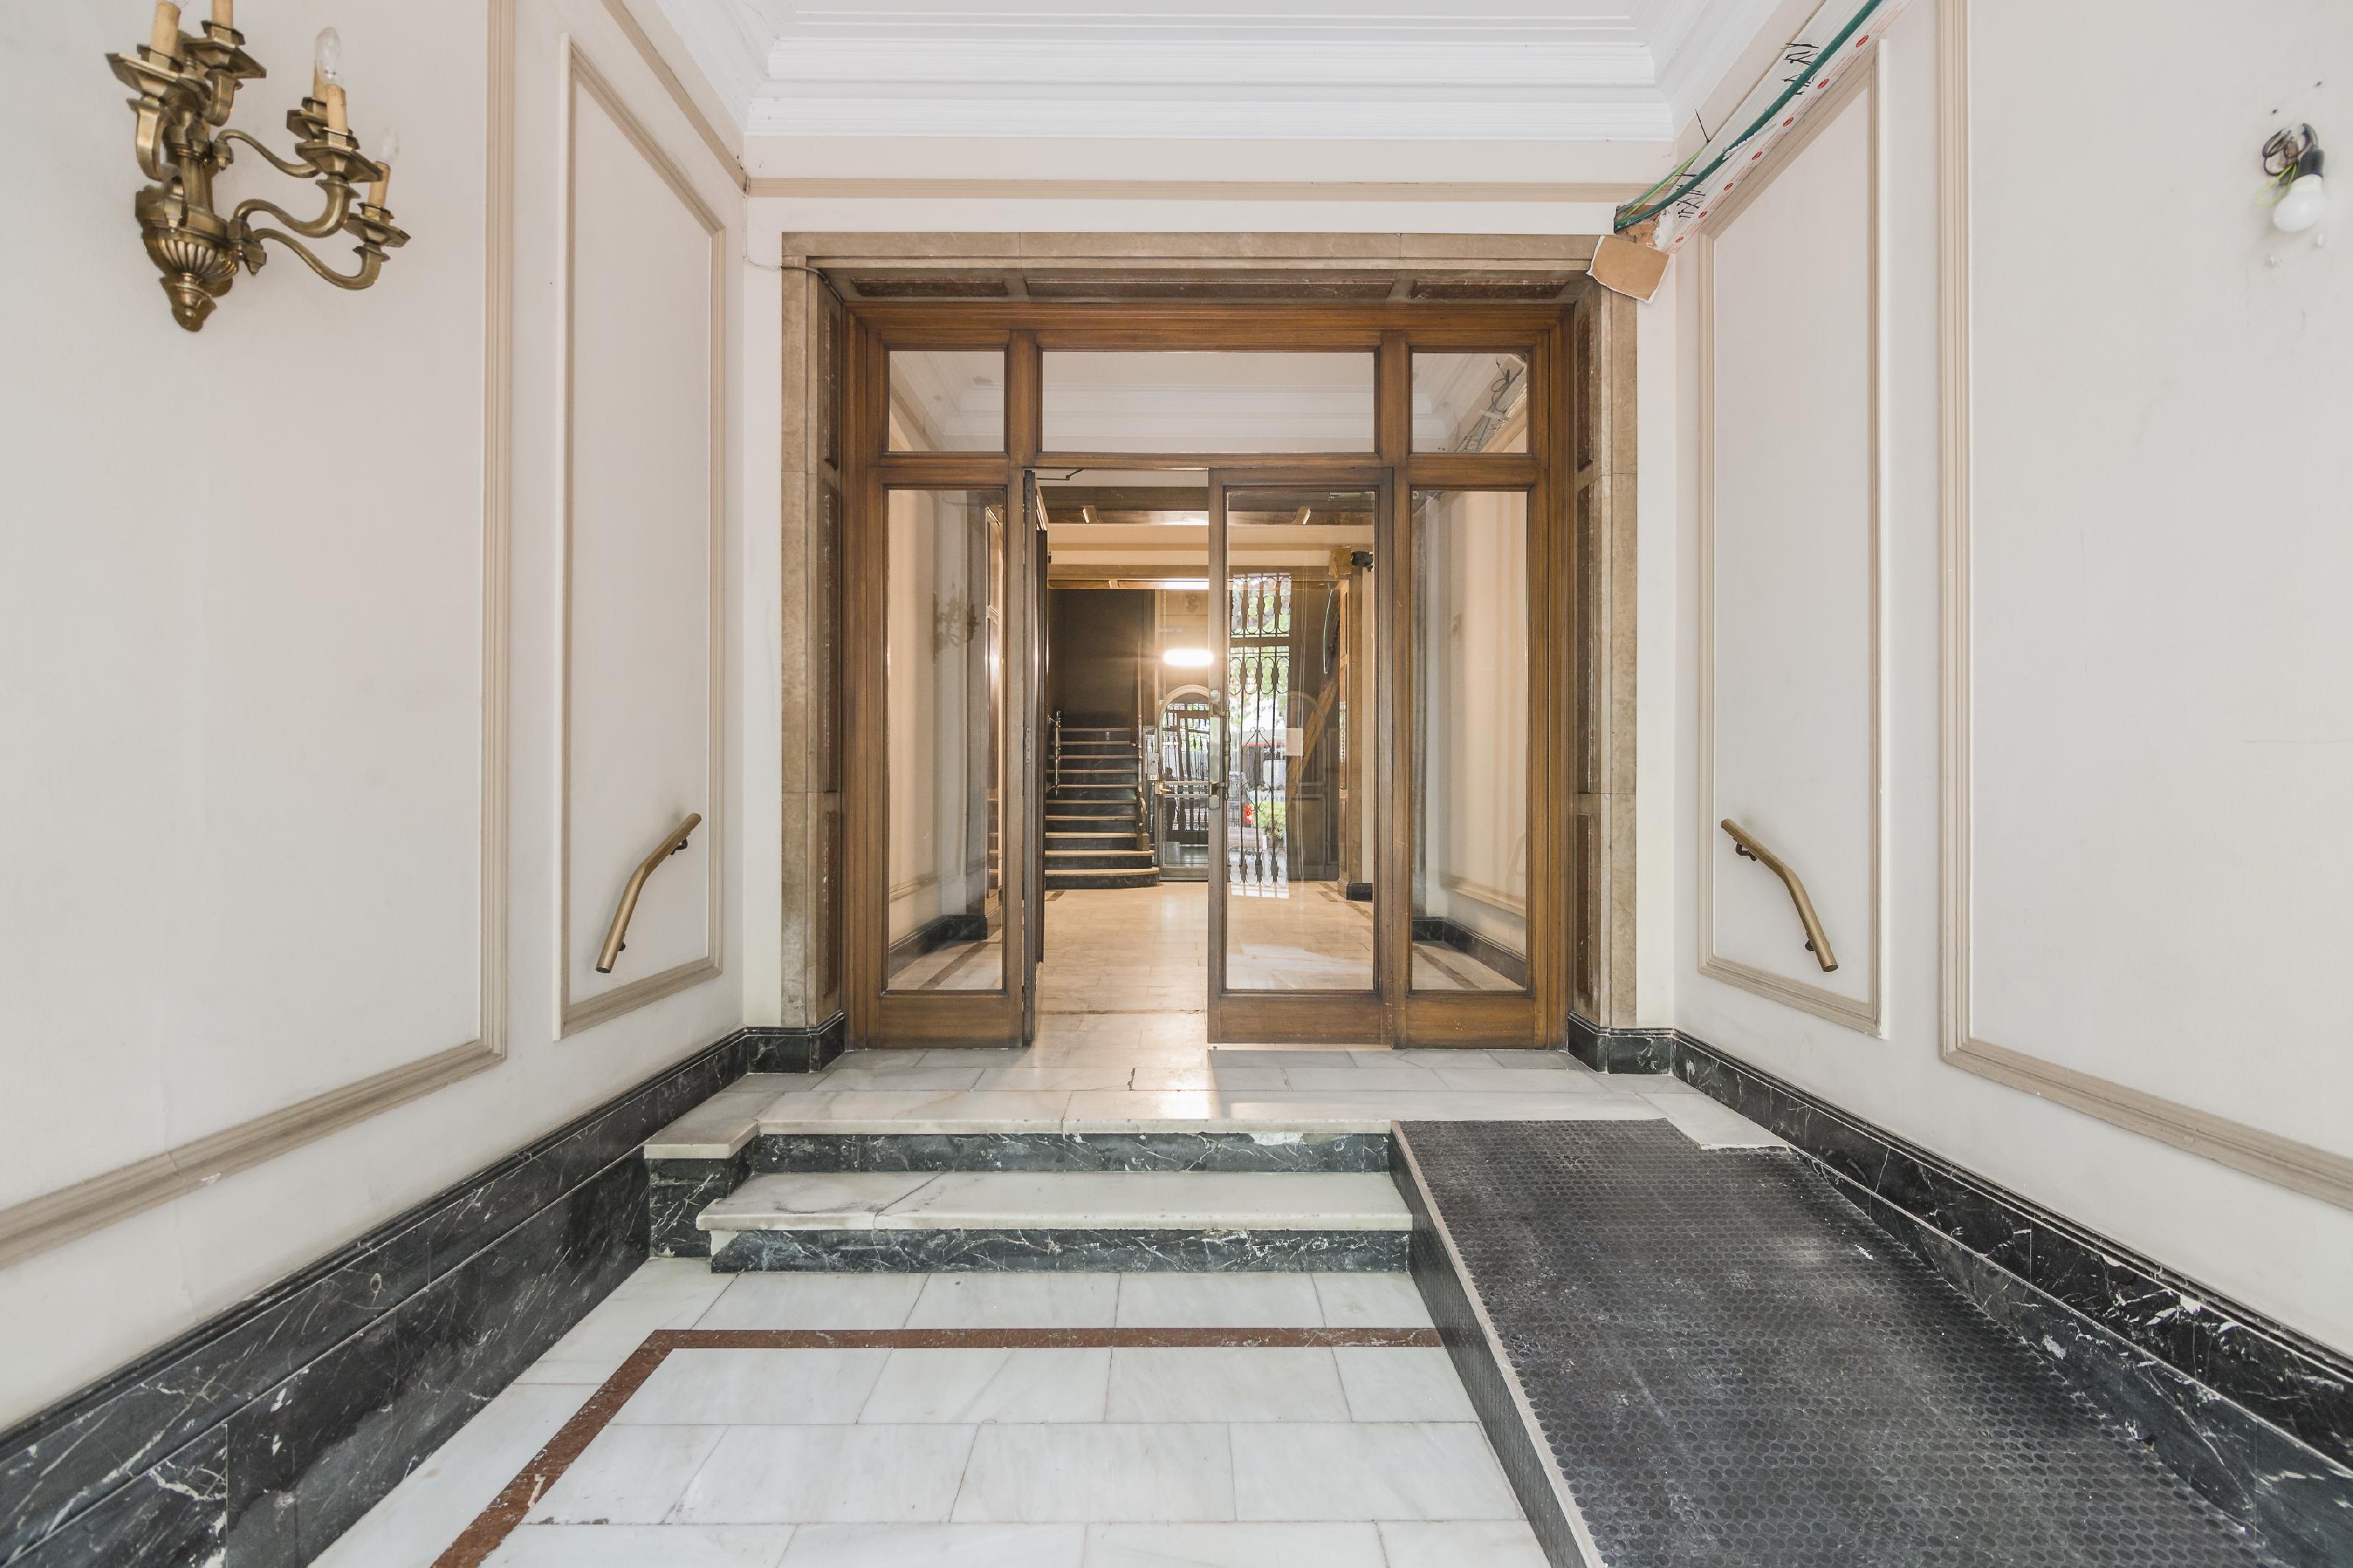 248206 Flat for sale in Gràcia, Vila de Gràcia 25